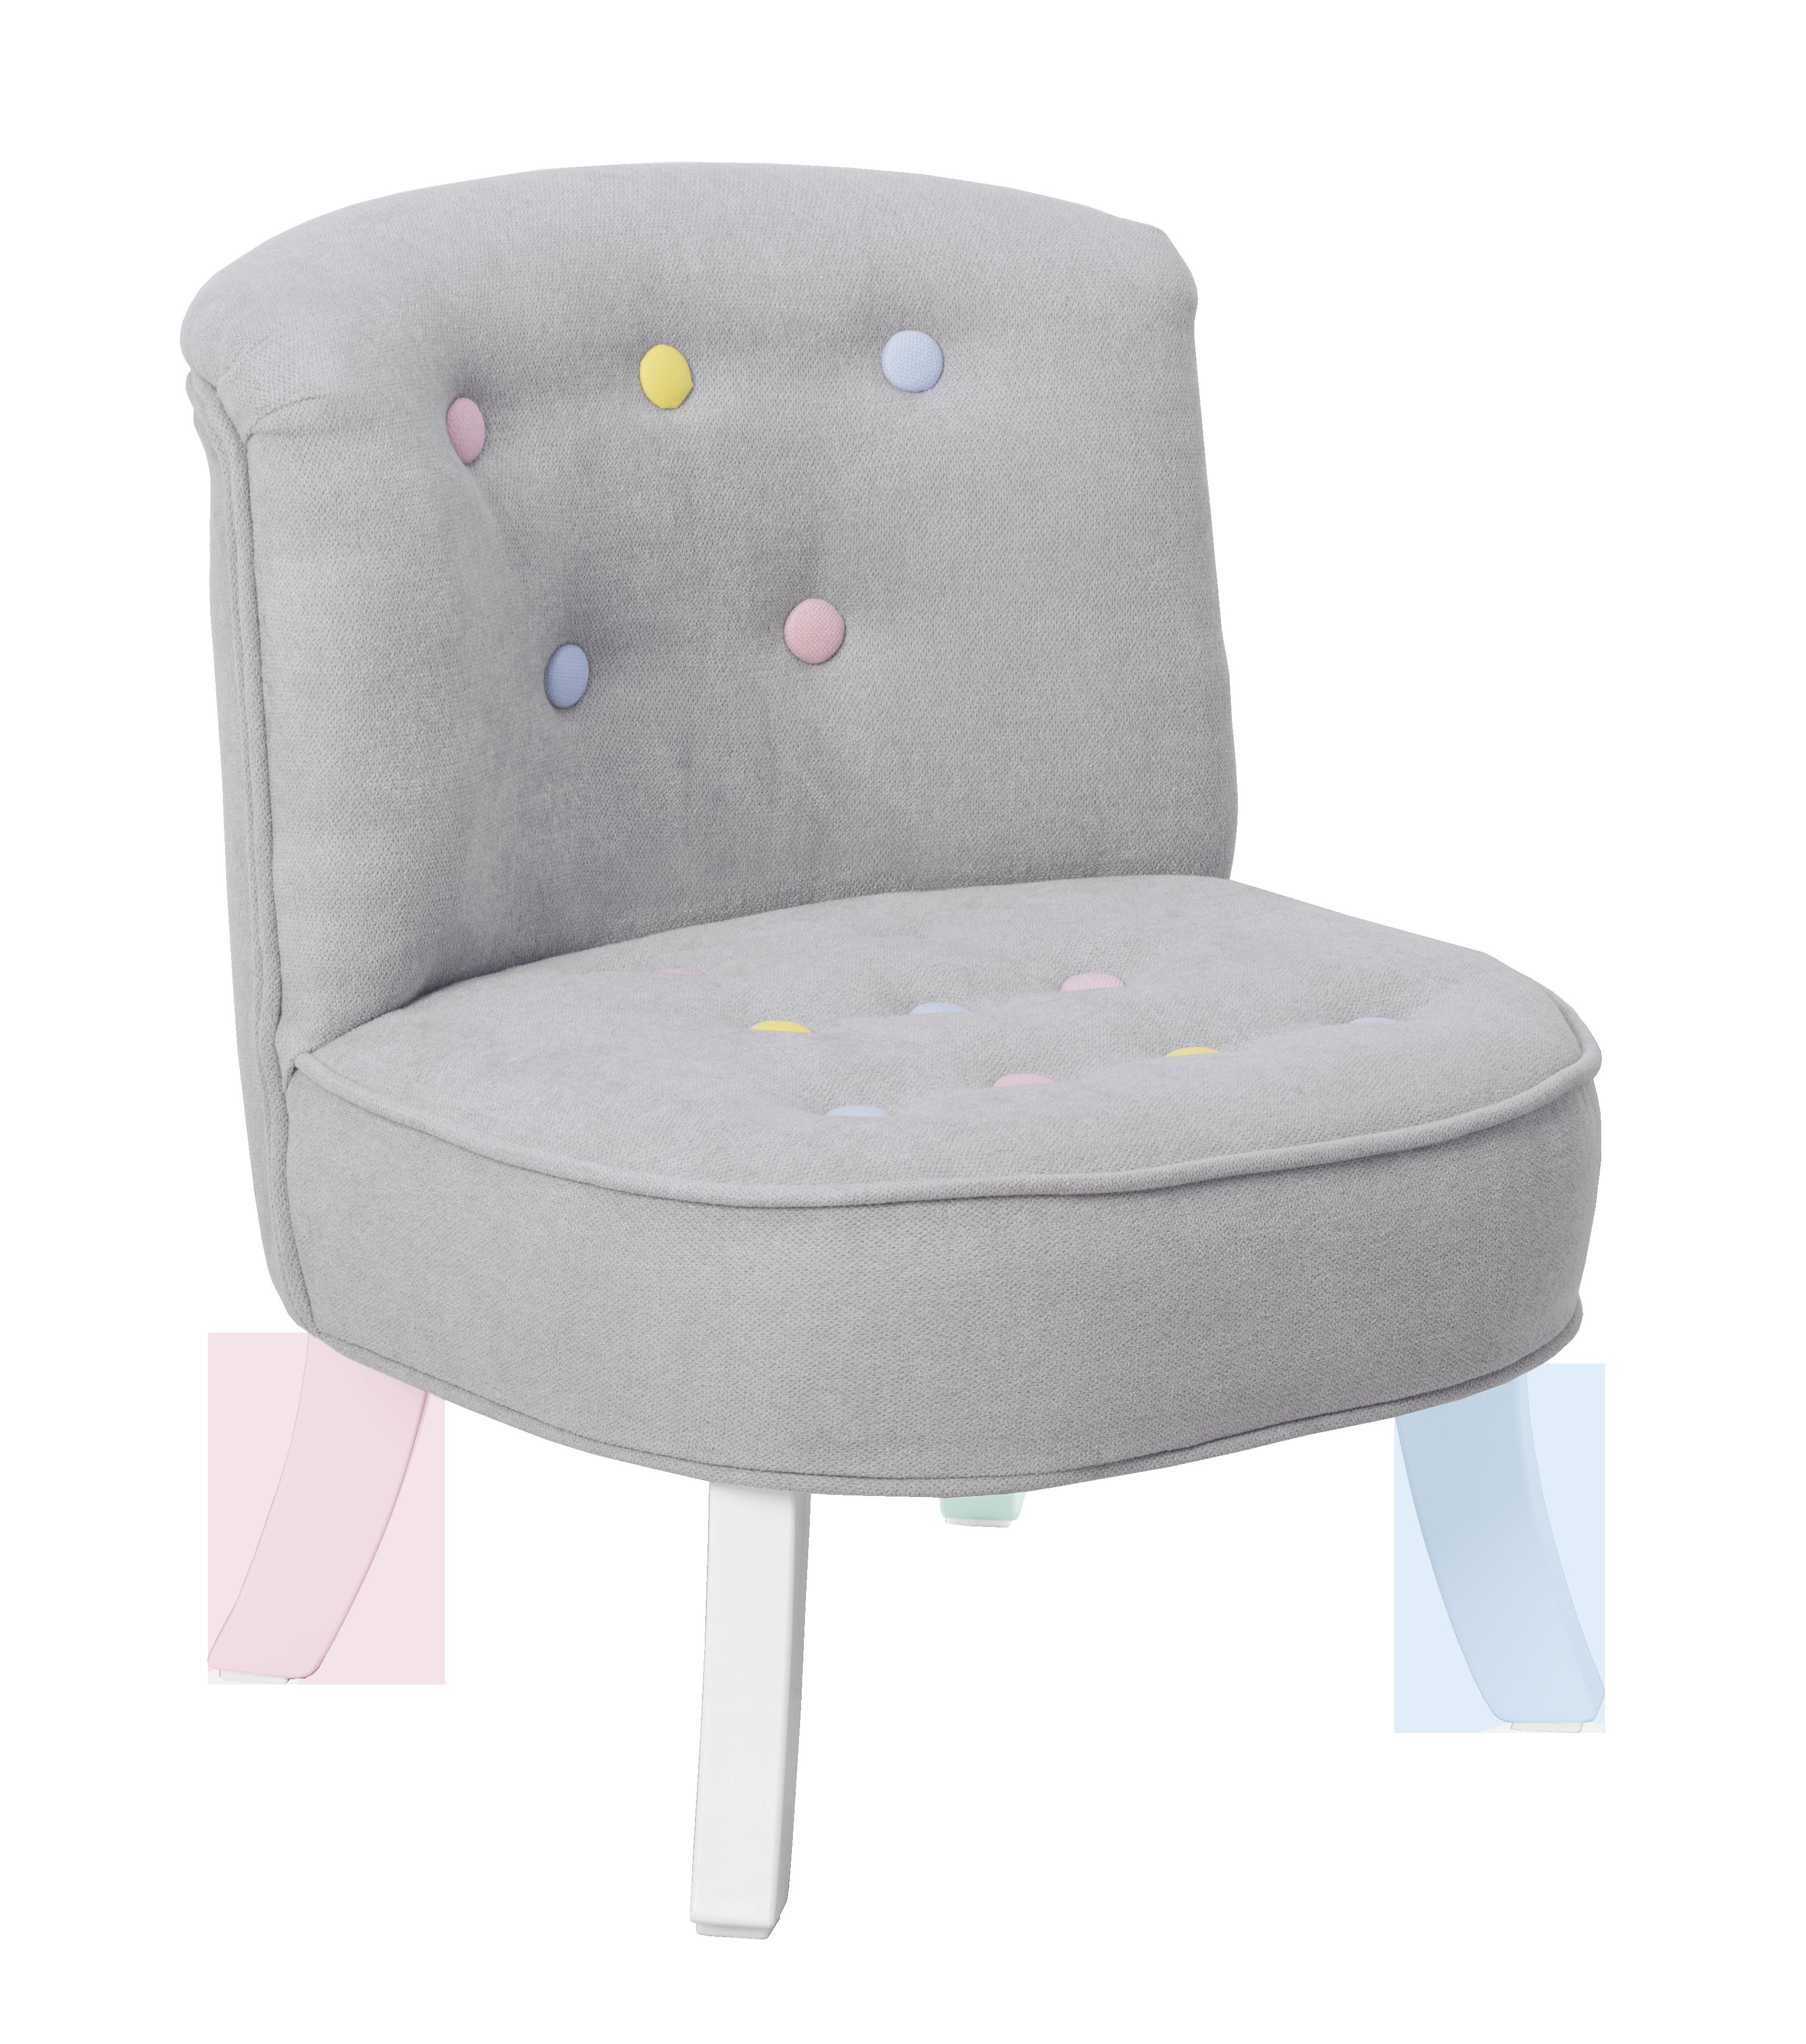 Velvet Child Stool Or Kids Chair Is Children Chair Or Toddler Etsy In 2020 Kids Chairs Kids Stool Toddler Chair